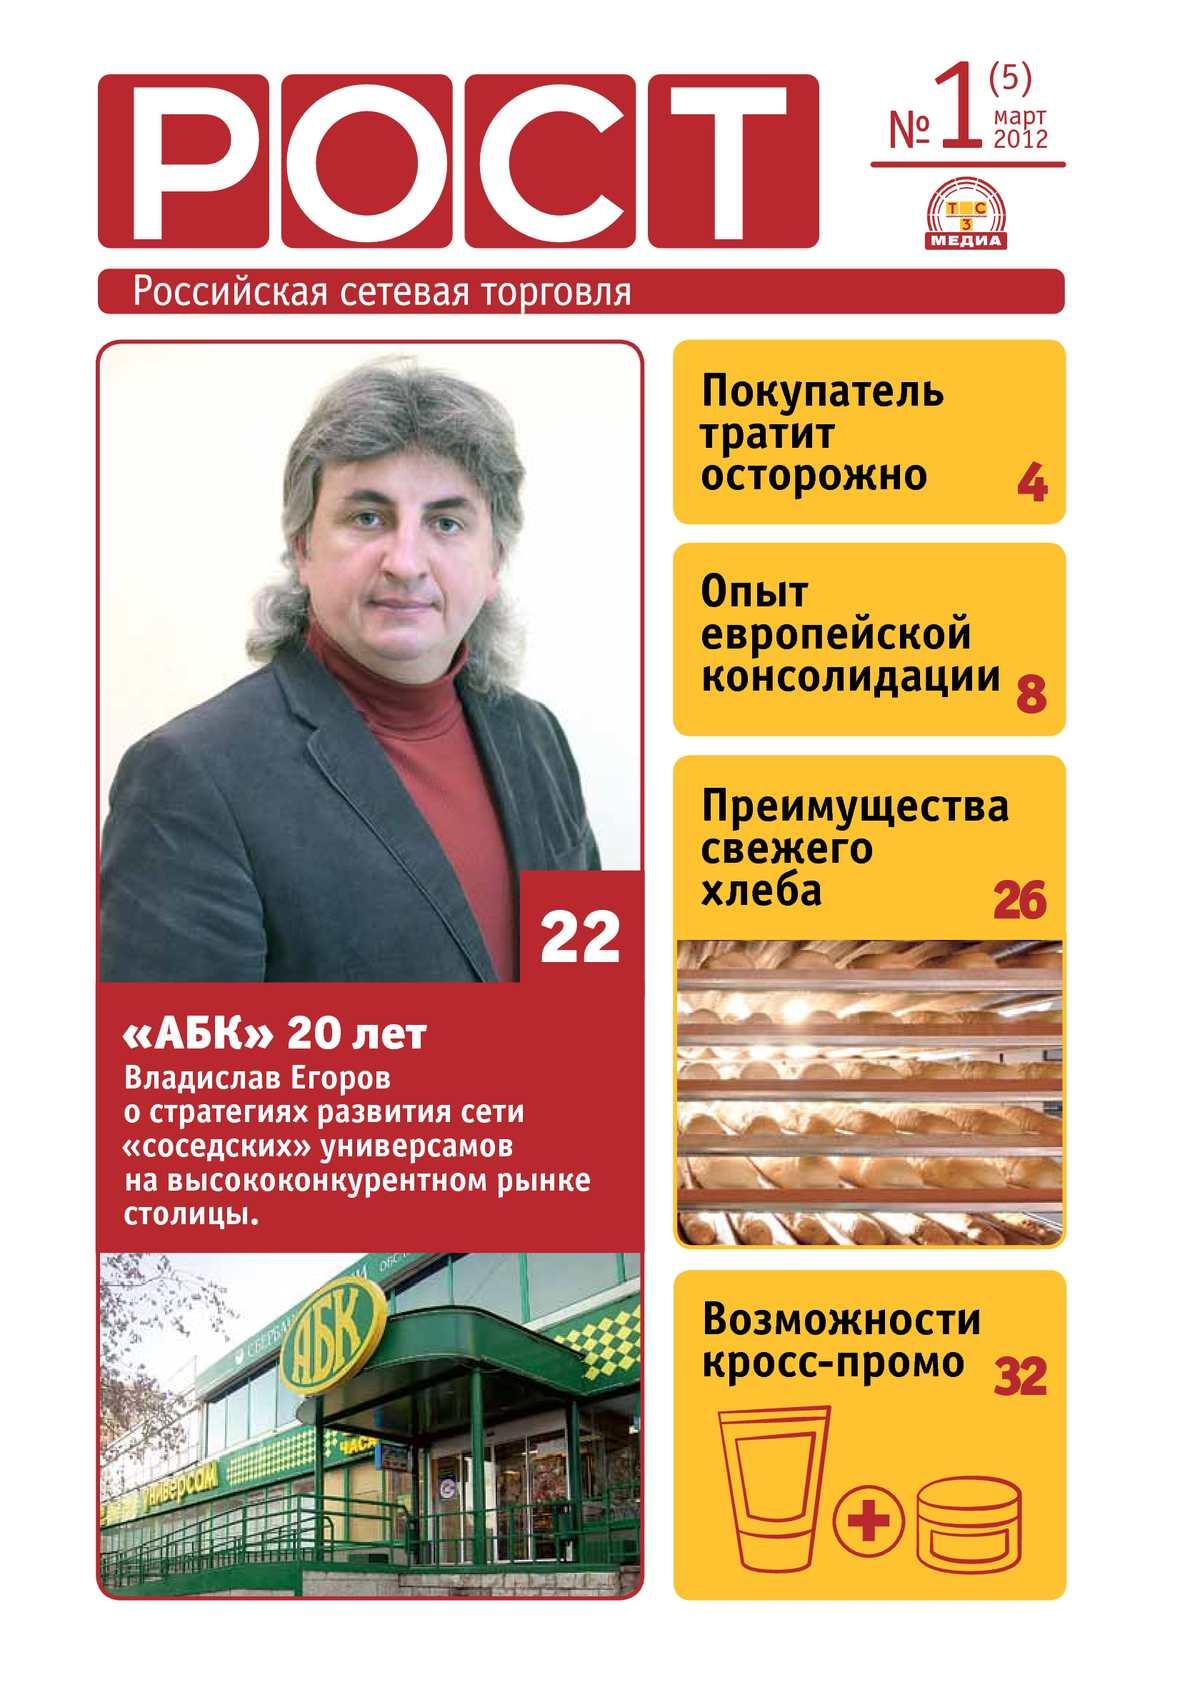 РОСТ. Российская сетевая торговля #1(5)